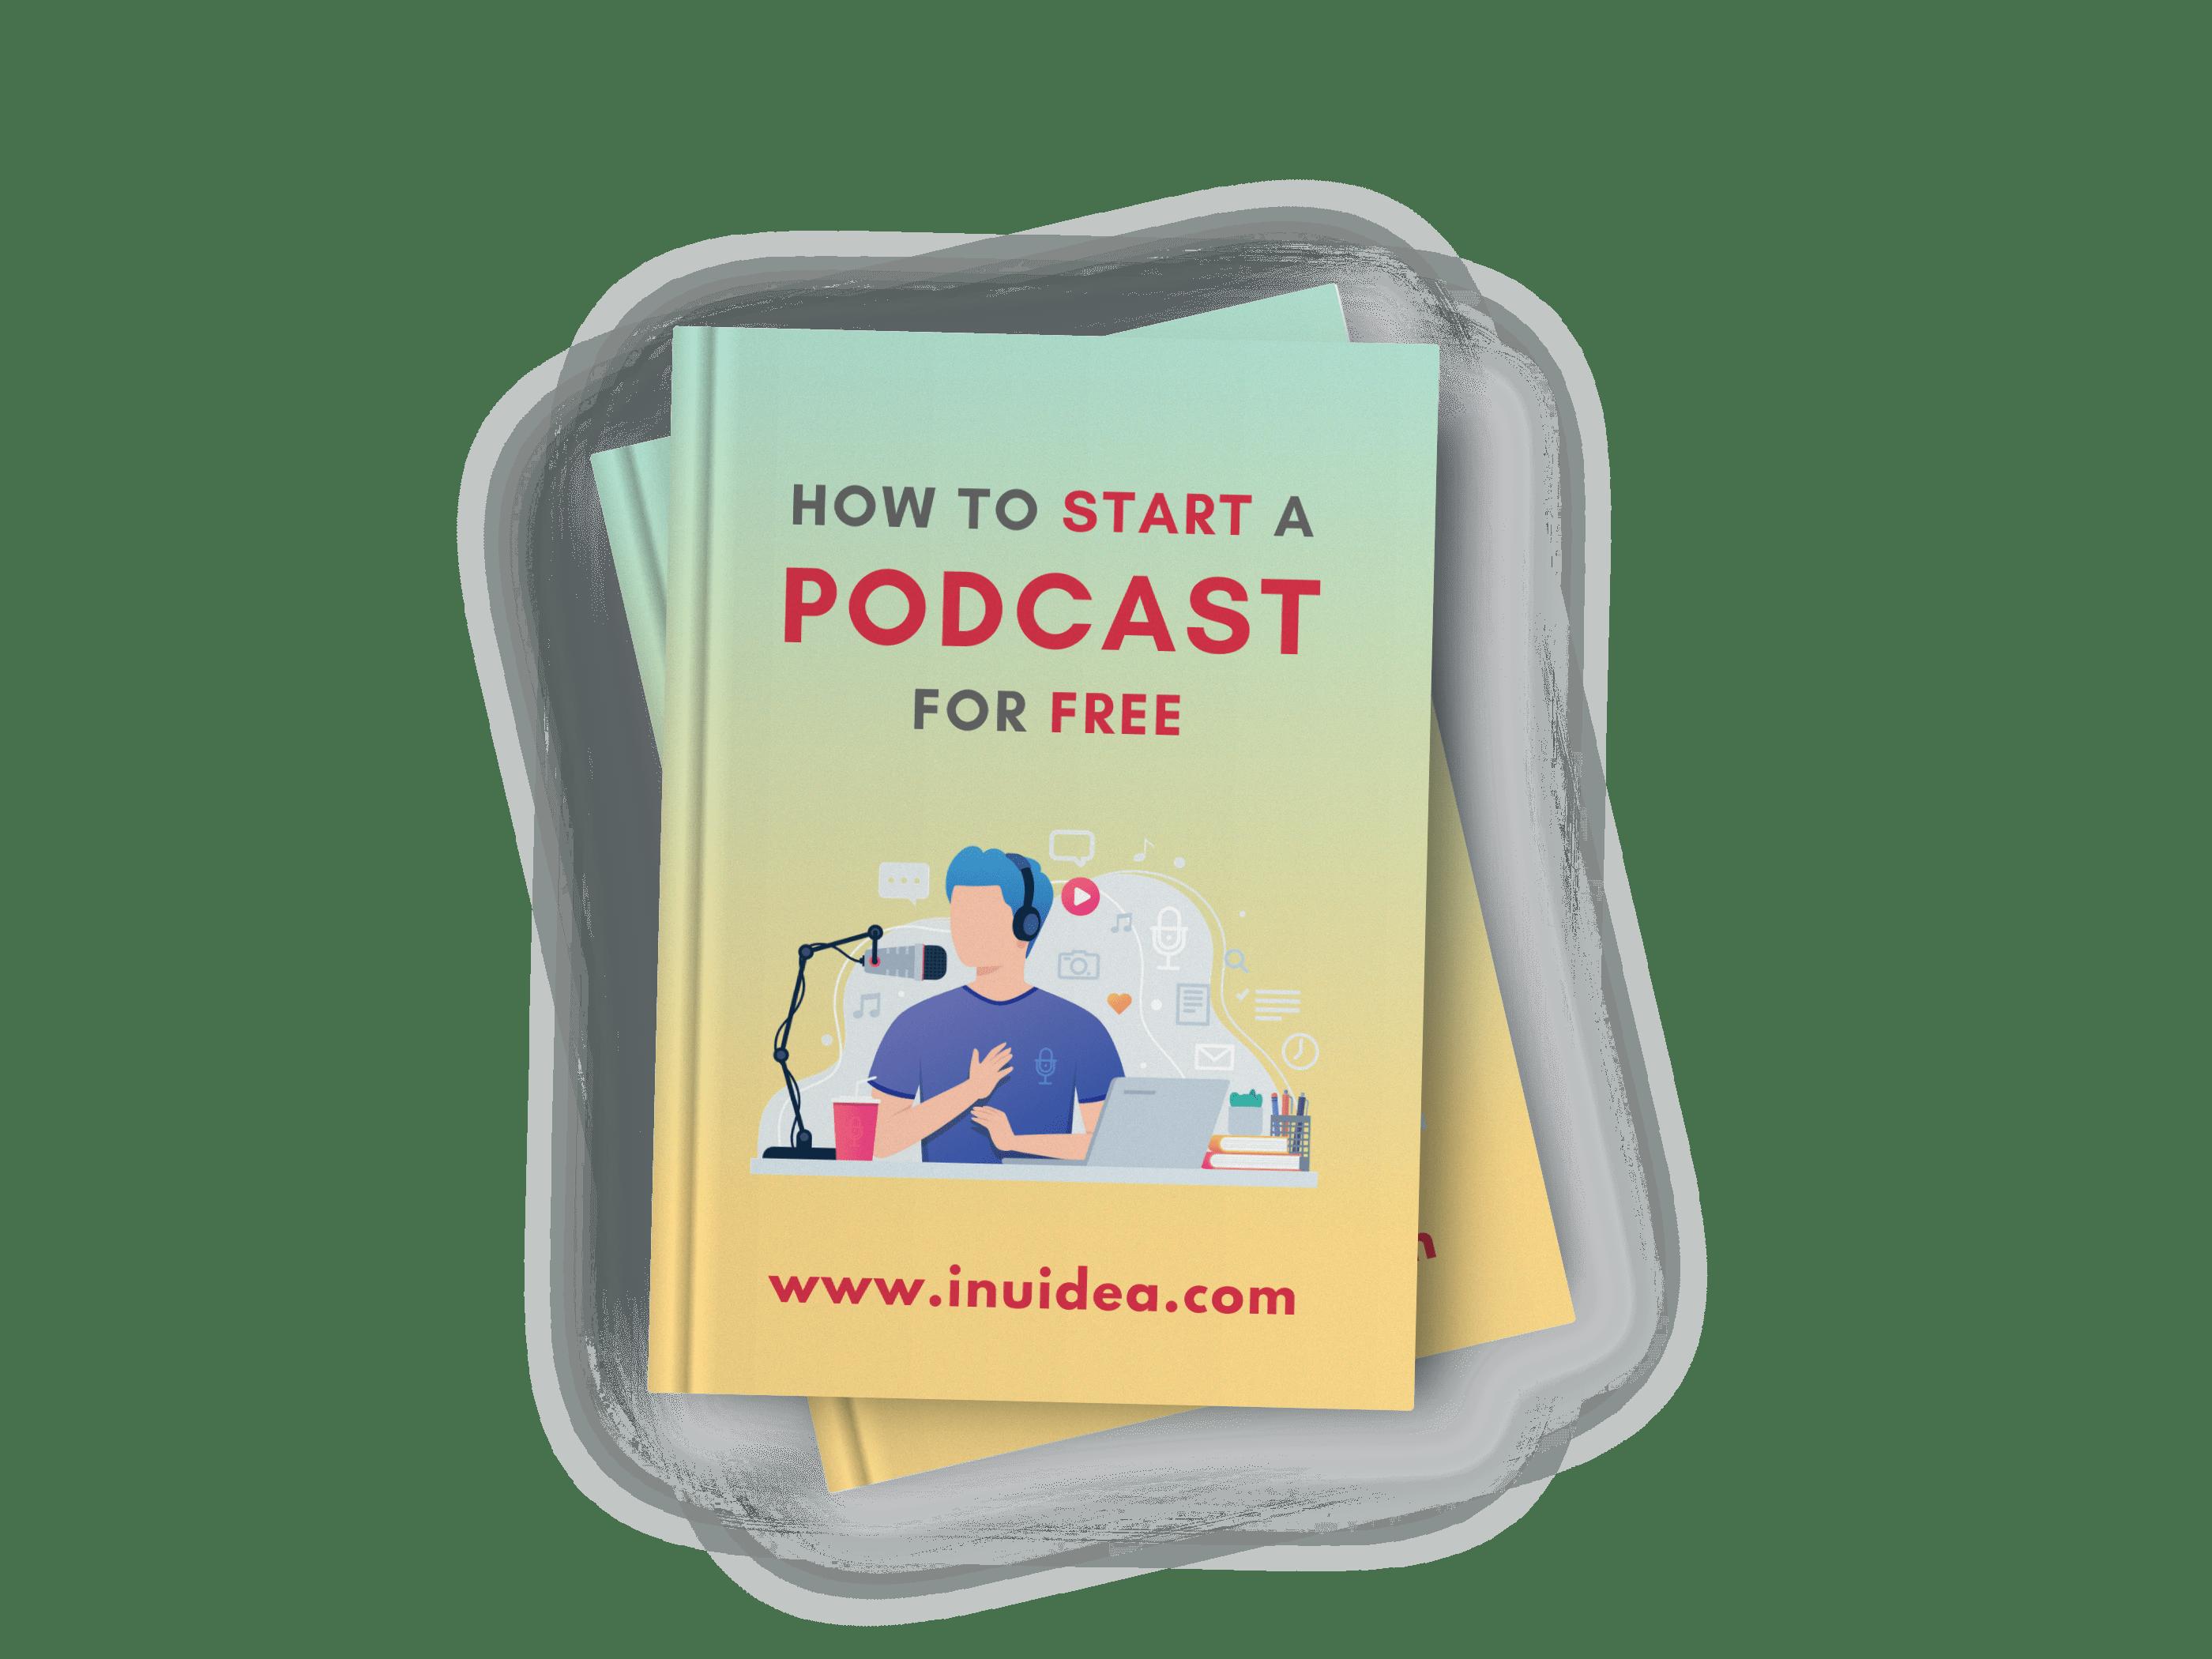 Free-Podcast-Guide-PDF-Inu-Etc